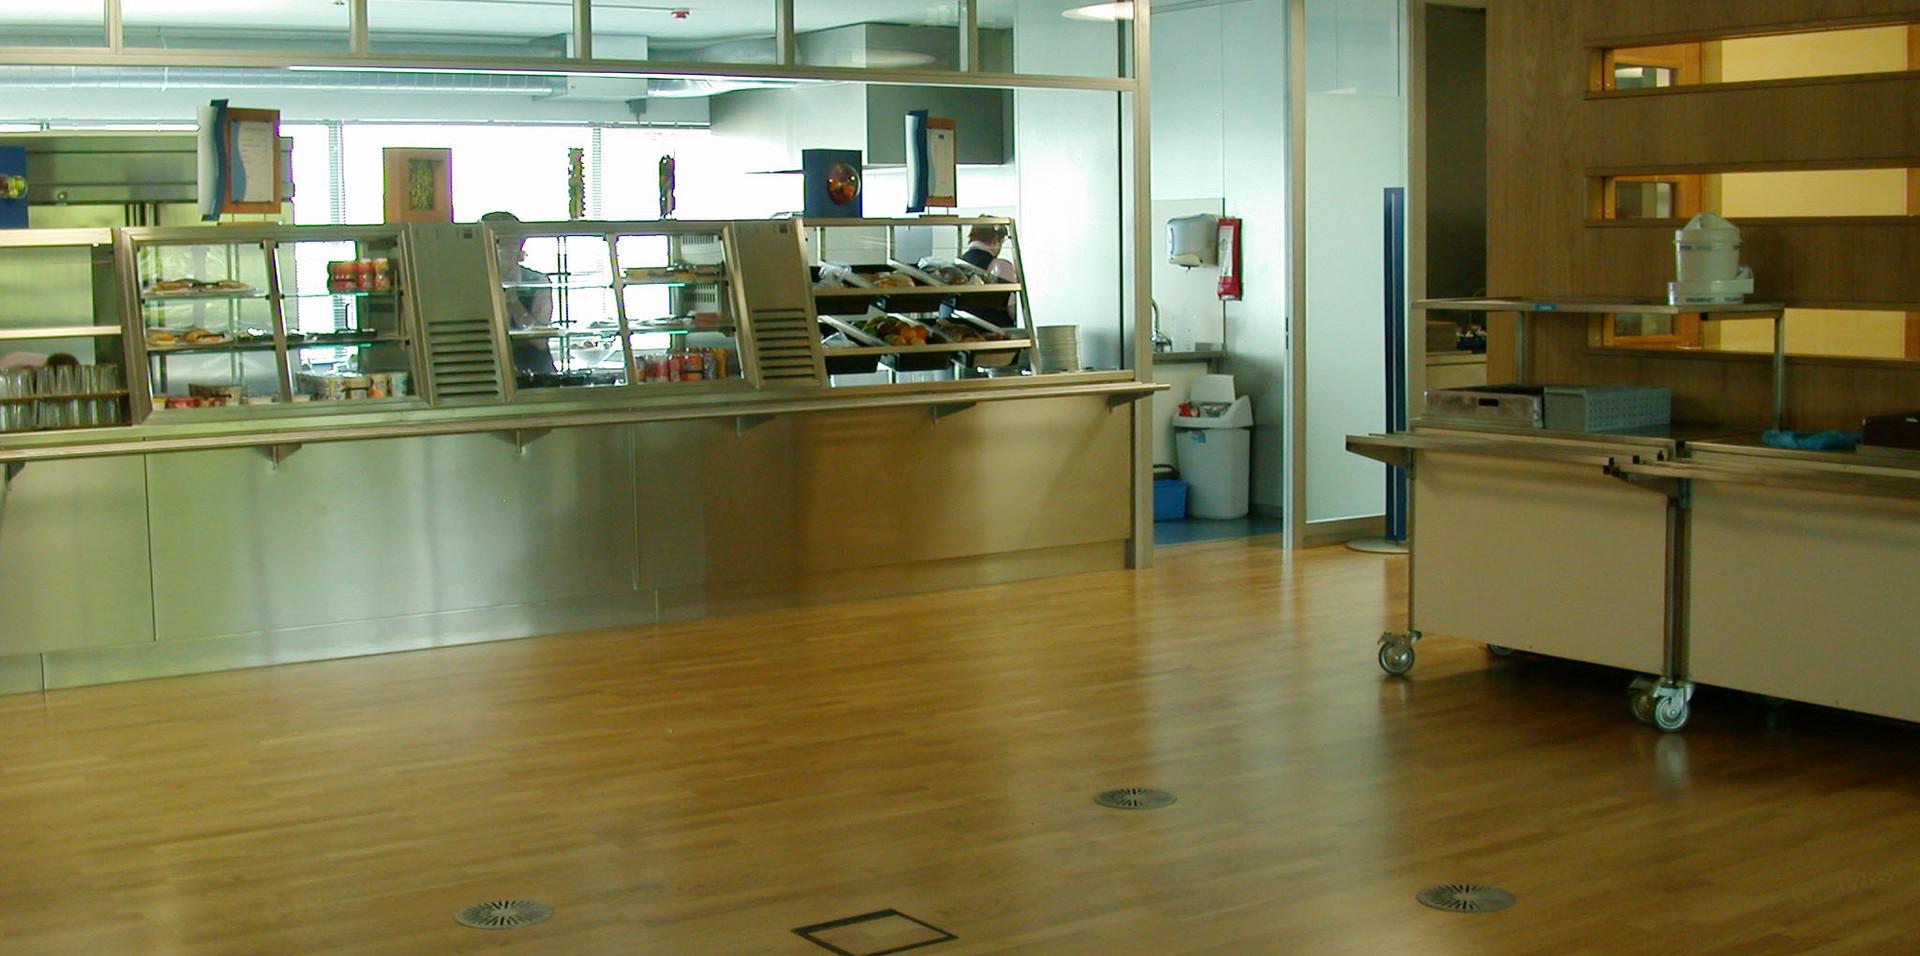 Vopak Restaurant 04.JPG